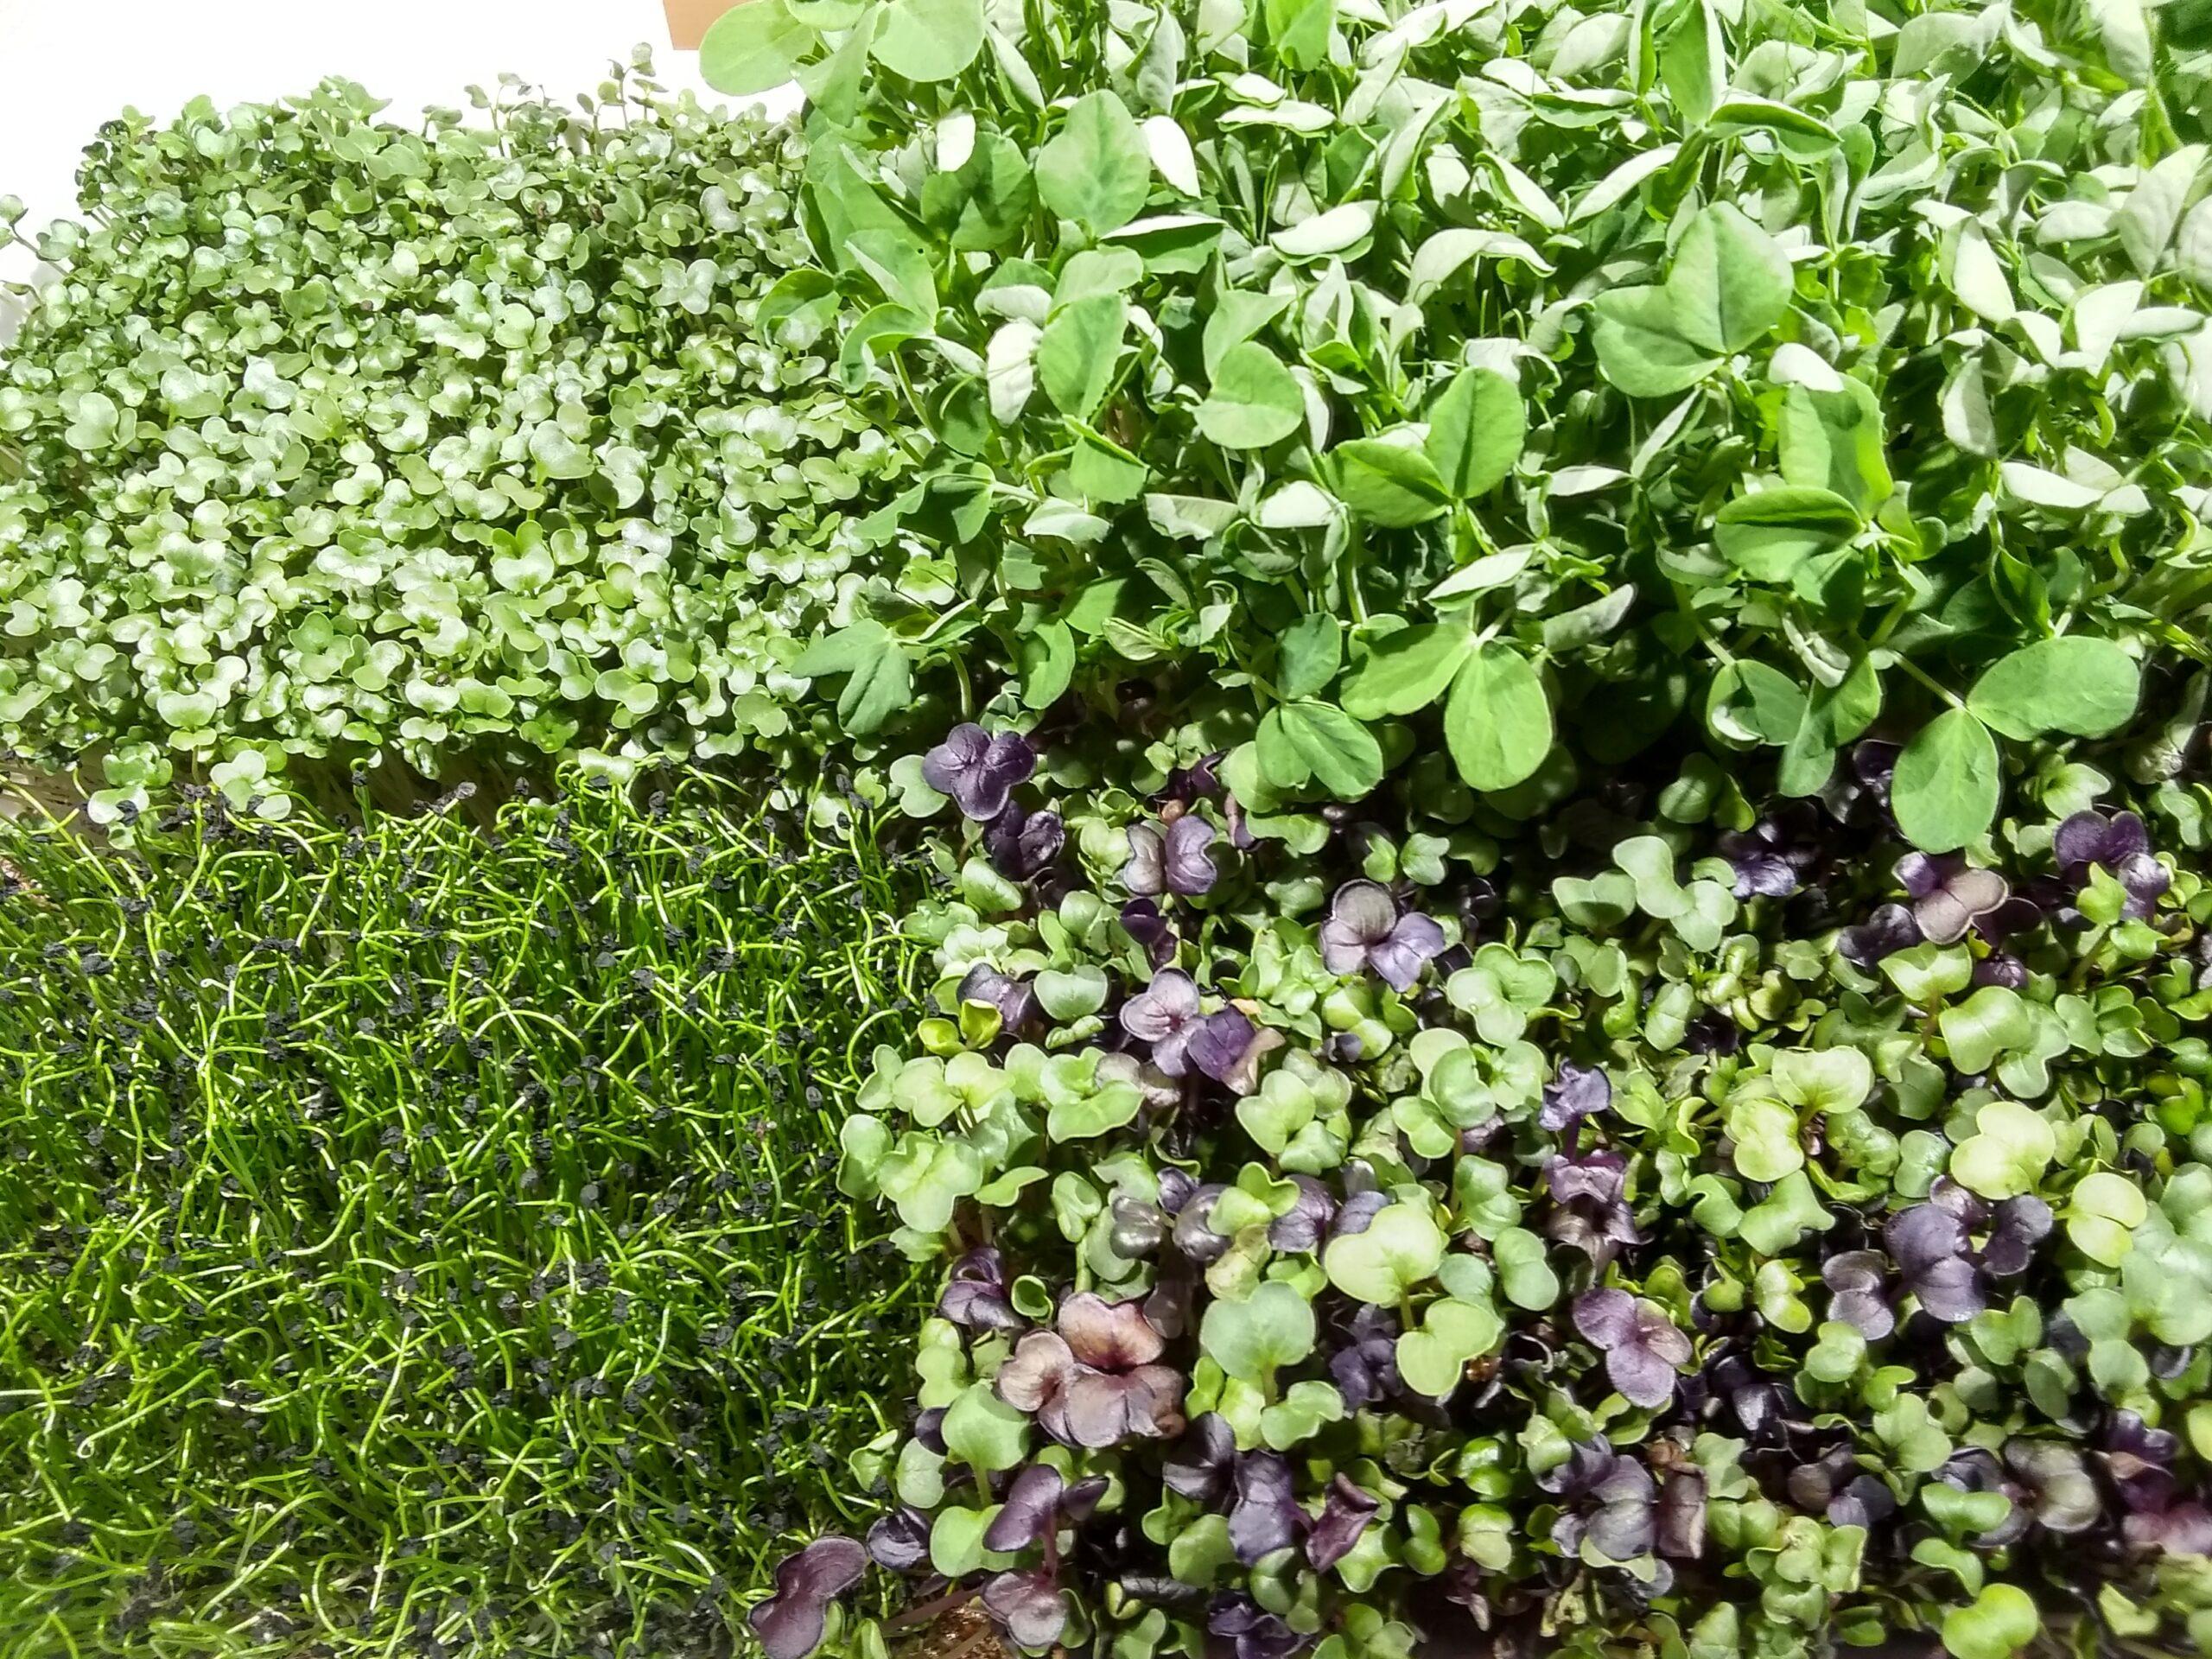 Broccoli, peas, leeks and radish are ready to eat!